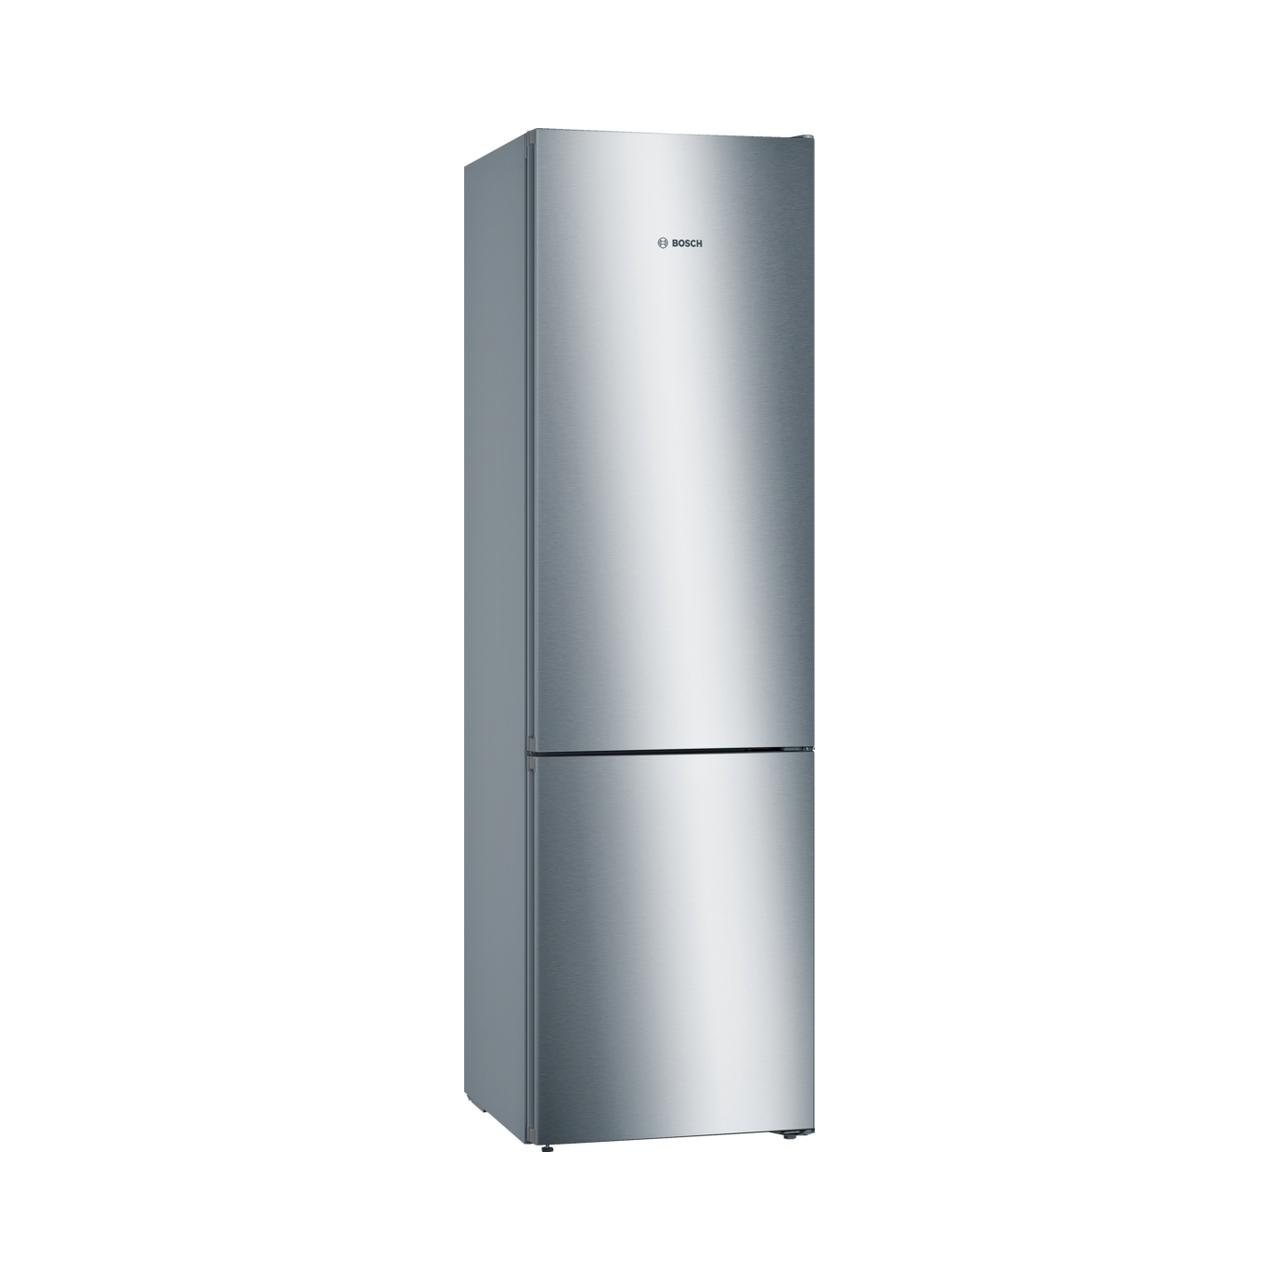 Tủ lạnh đơn BOSCH KGN39KL35 Serie 4